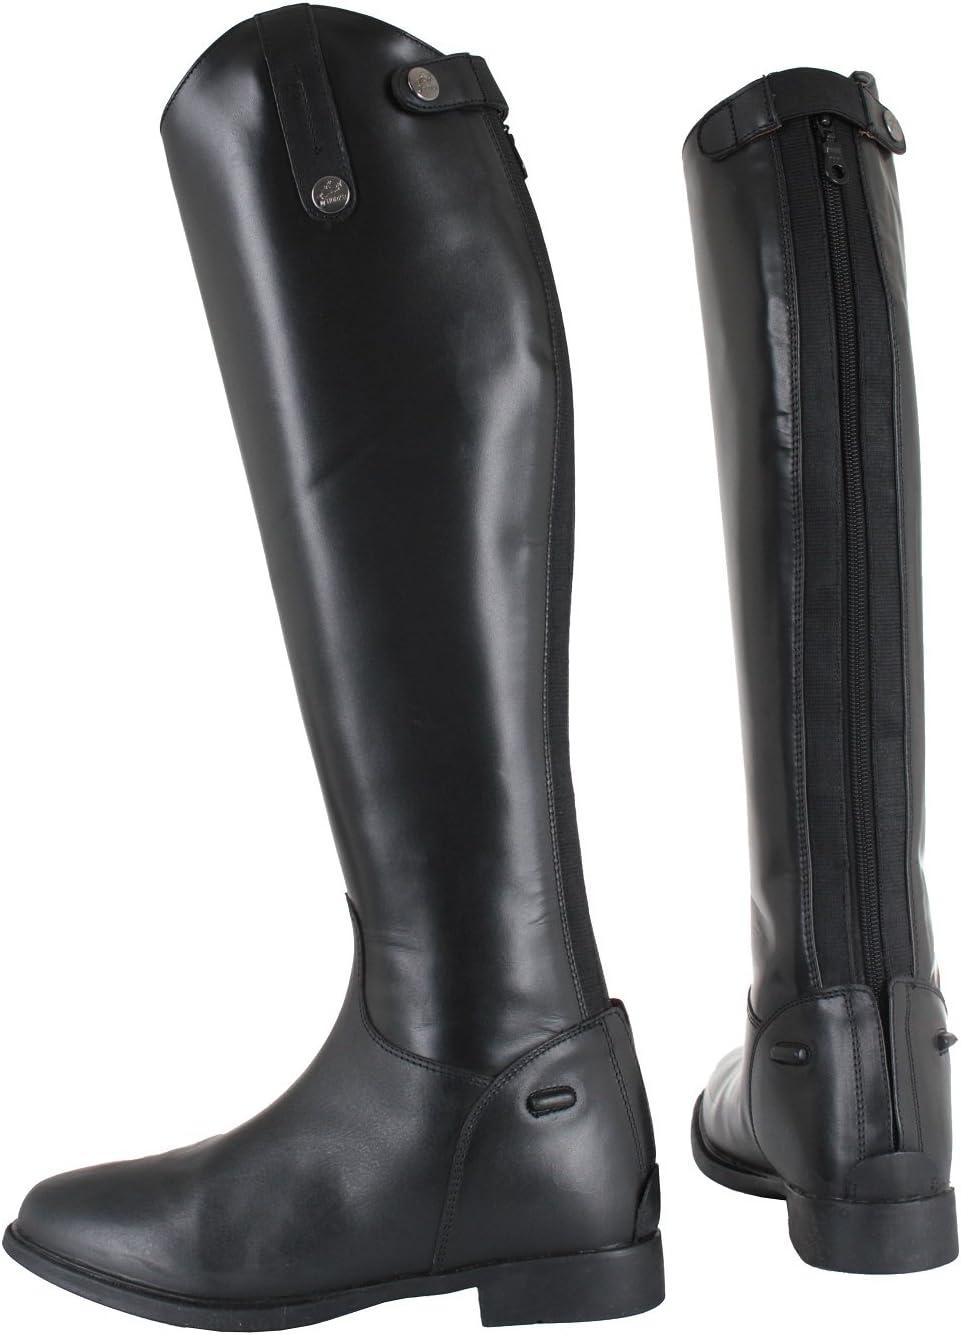 Horka largo botas de montar a caballo mostrando competencia/extra ancho/ancho/estándar de la pantorrilla, negro, 44EU Extra Wide Calf